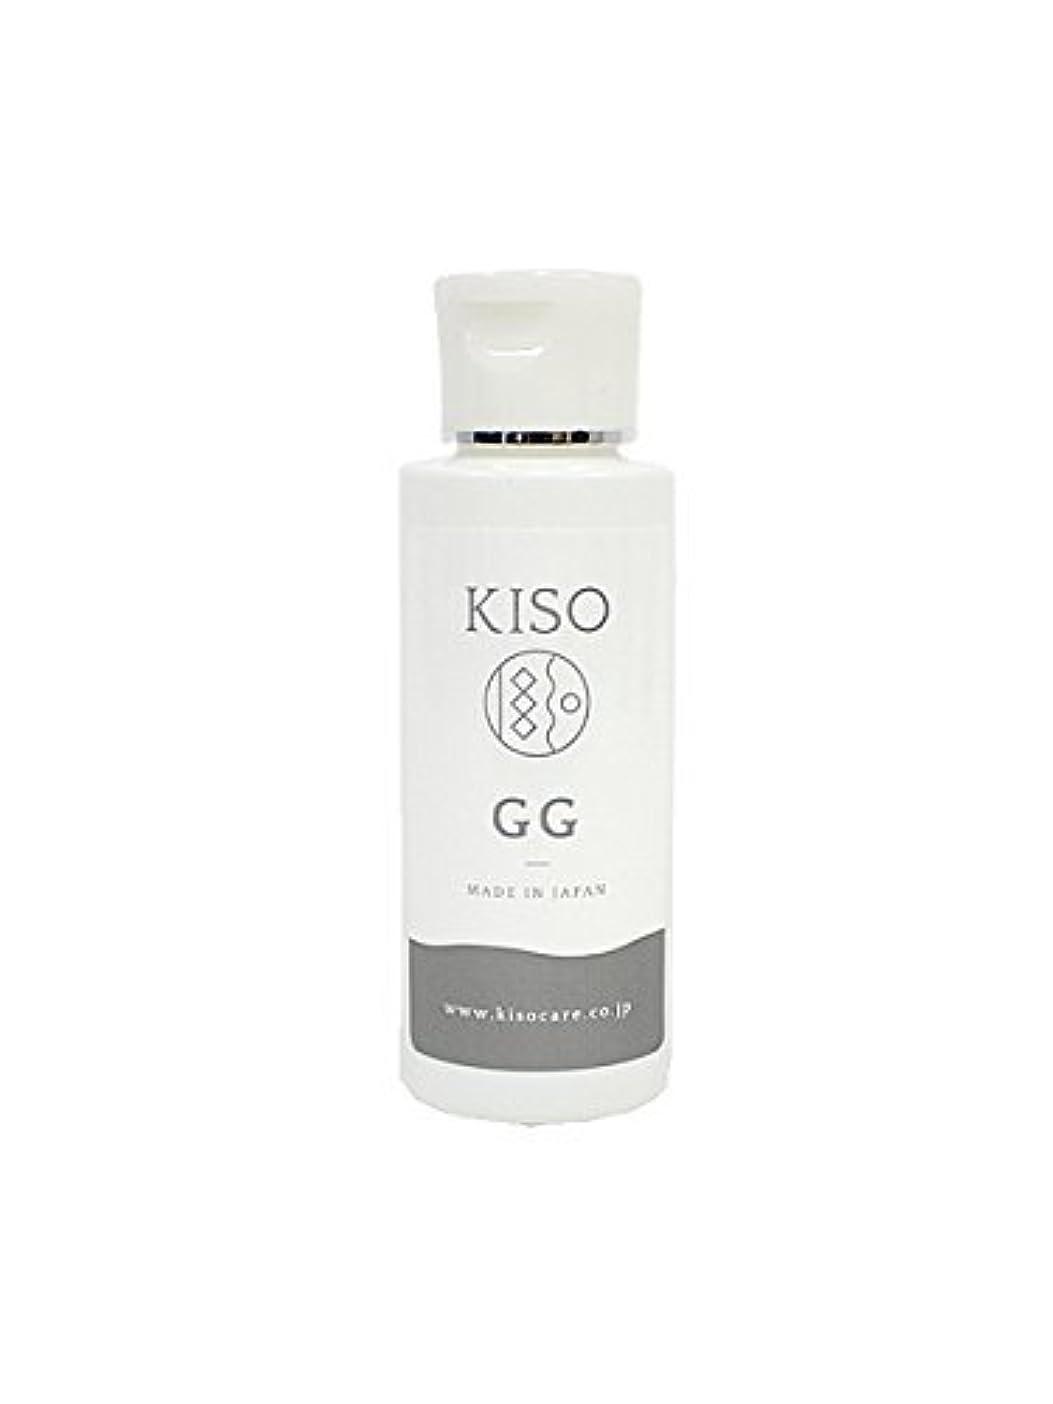 アラブサラボ問い合わせビリーヤギKISO グリシルグリシン5% 高配合美容水 【GGエッセンス 50mL】 肌のキメを整える?肌をひきしめる